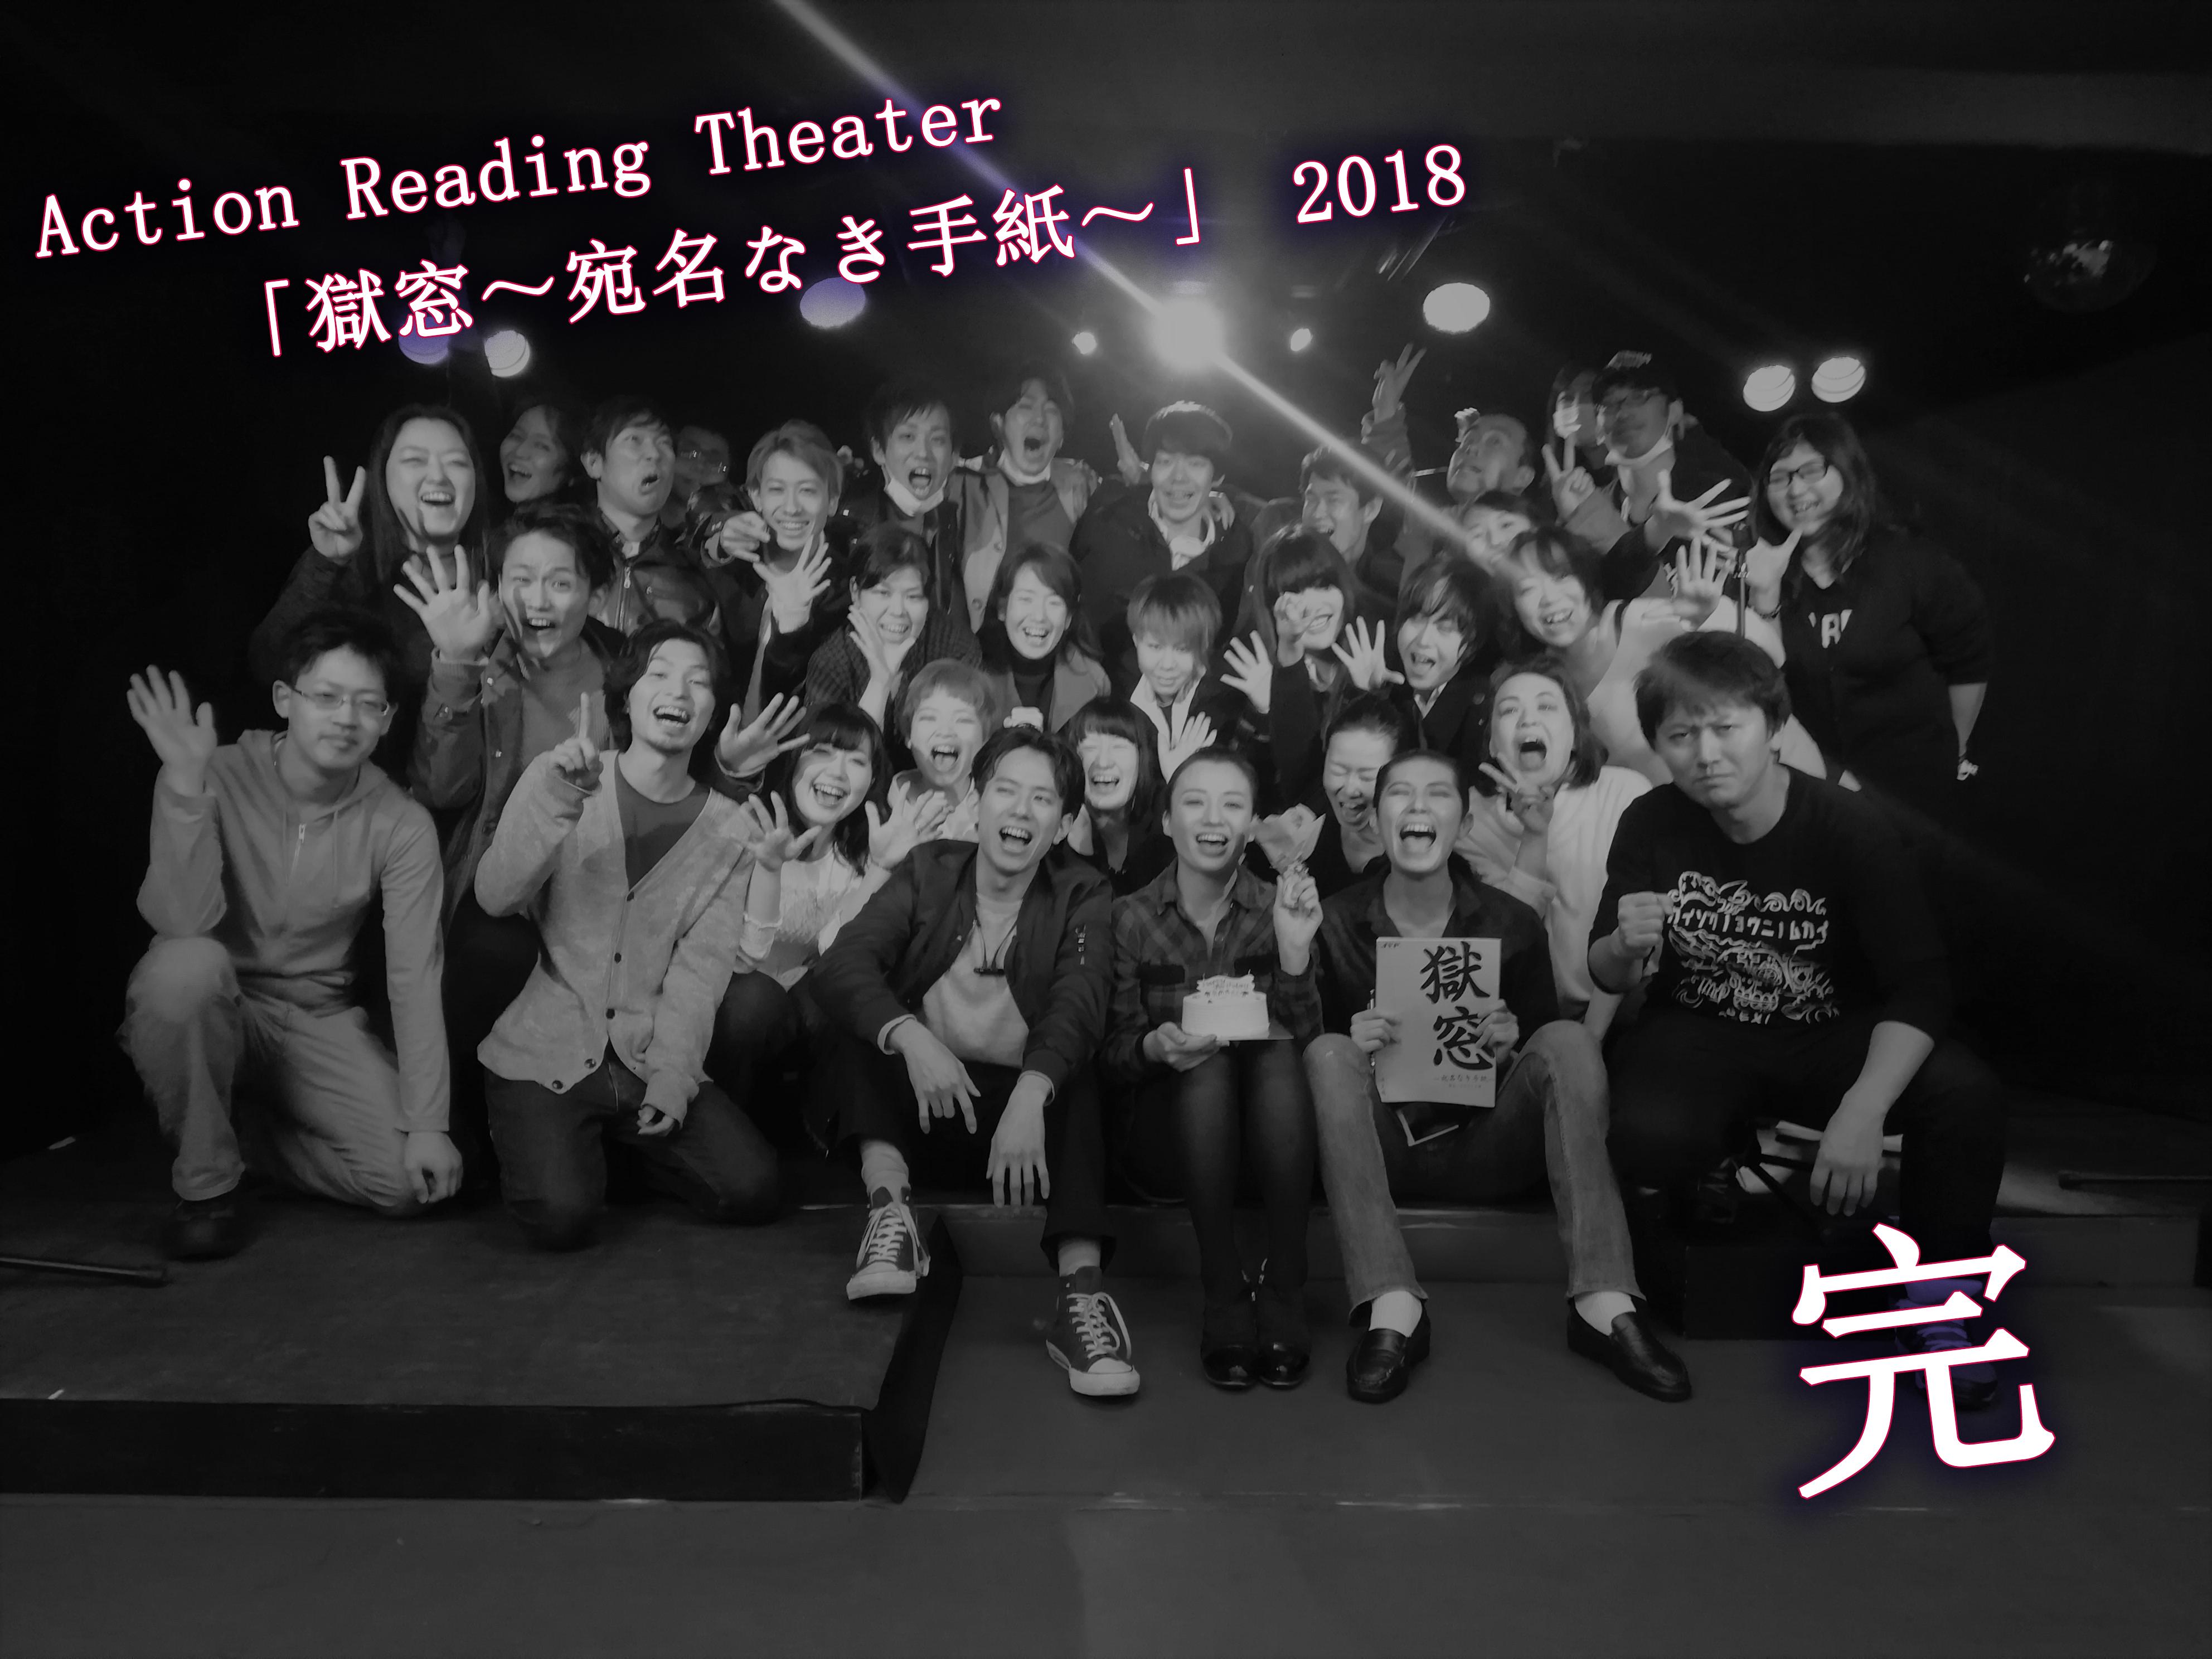 2018朗読劇